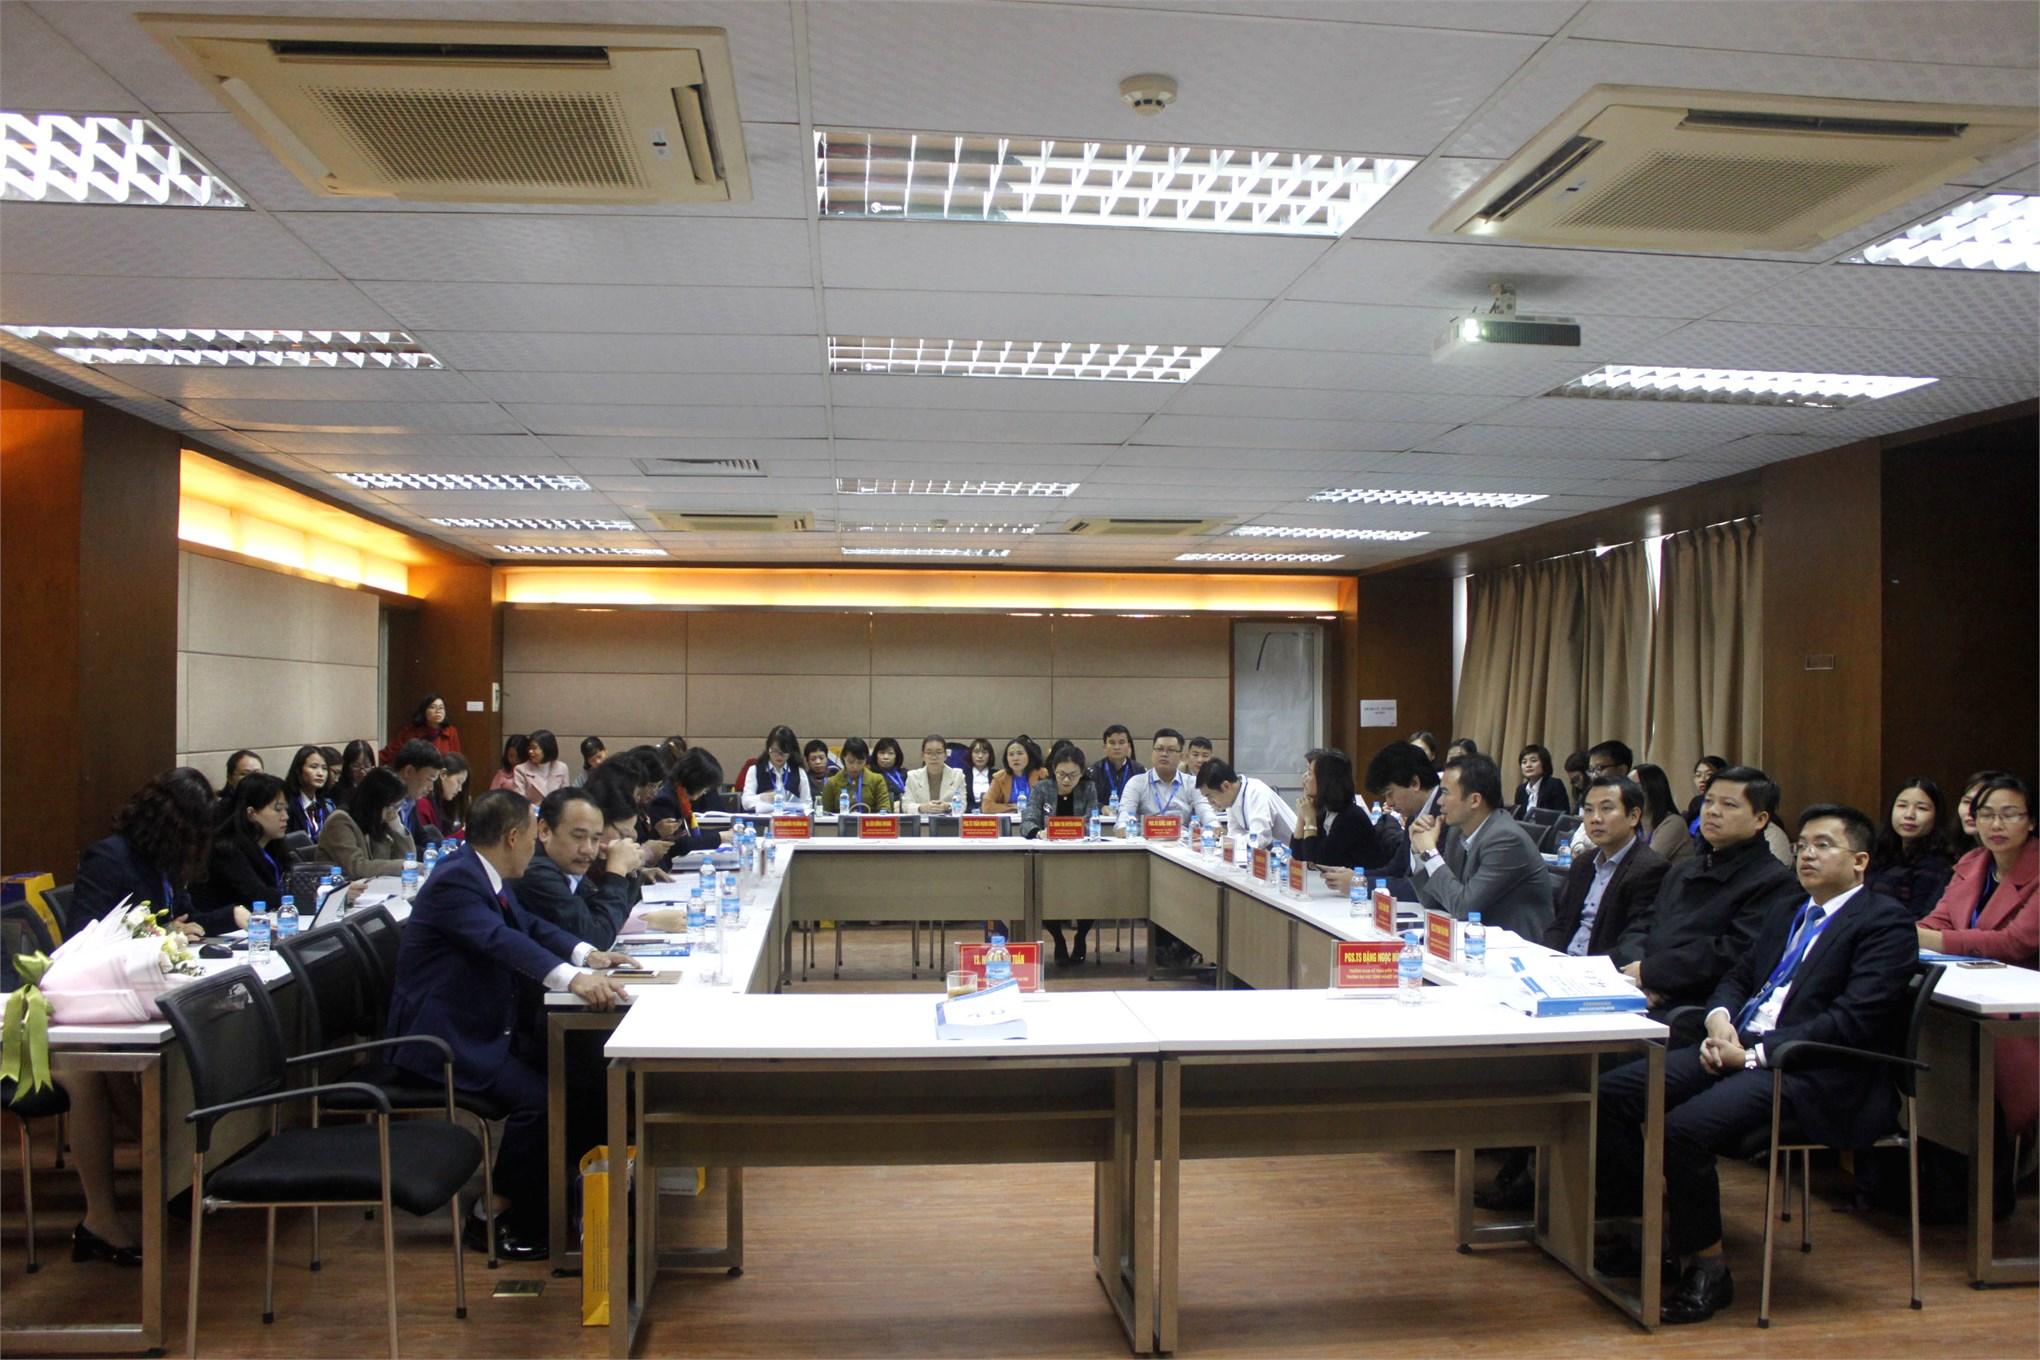 Trường Đại học Công nghiệp Hà Nội tổ chức hội thảo khoa học quốc gia về kế toán, kiểm toán